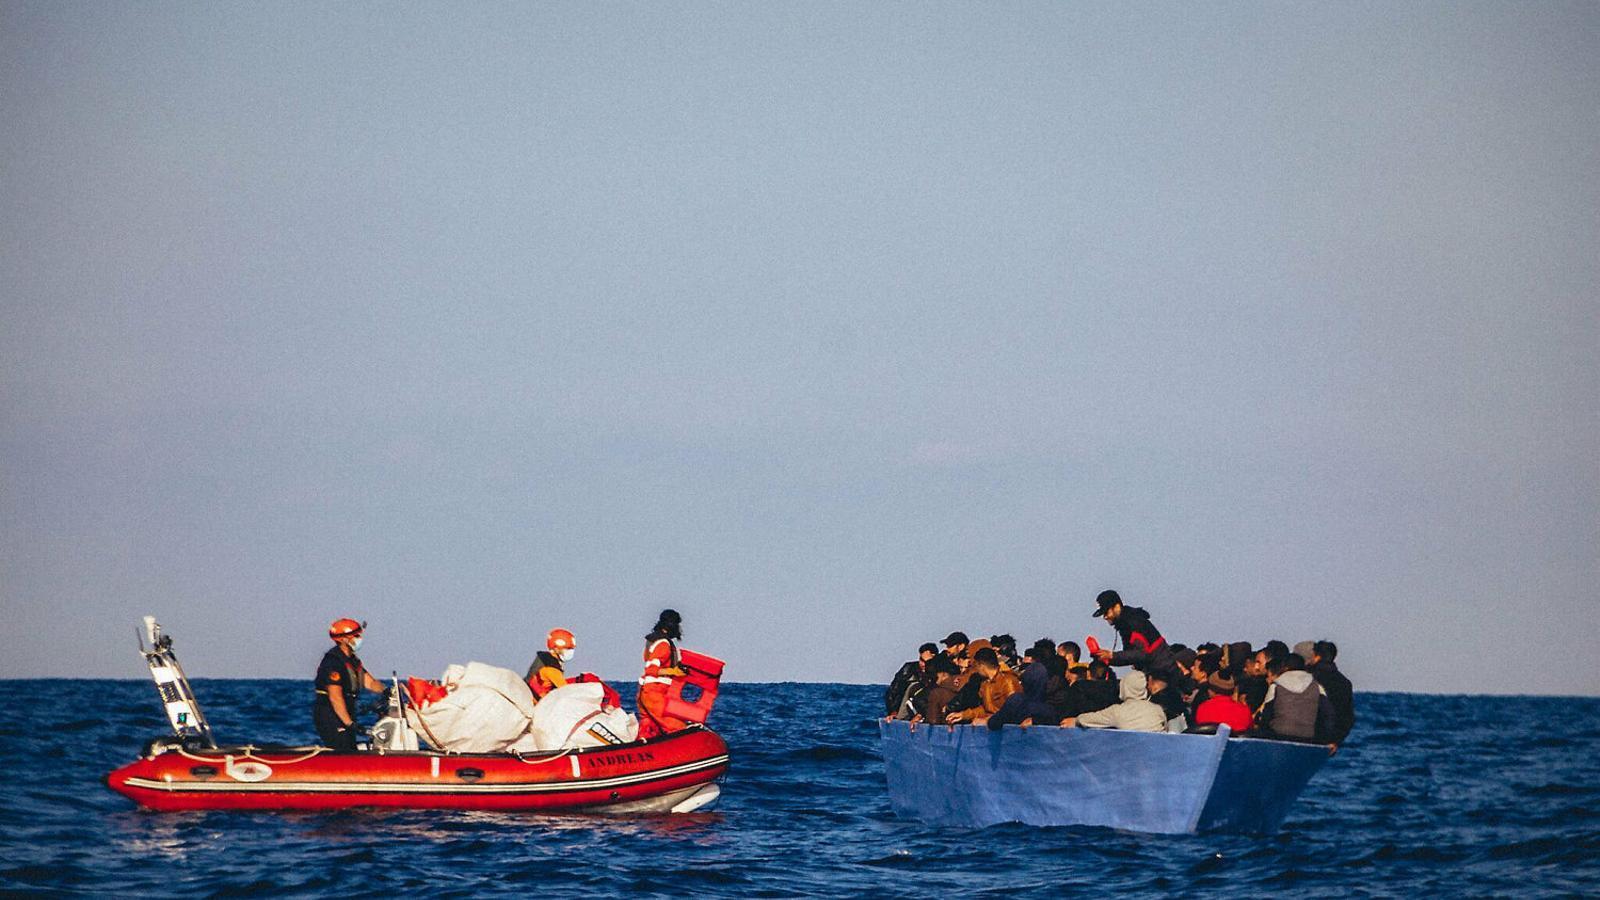 Europa abandona els migrants a la deriva